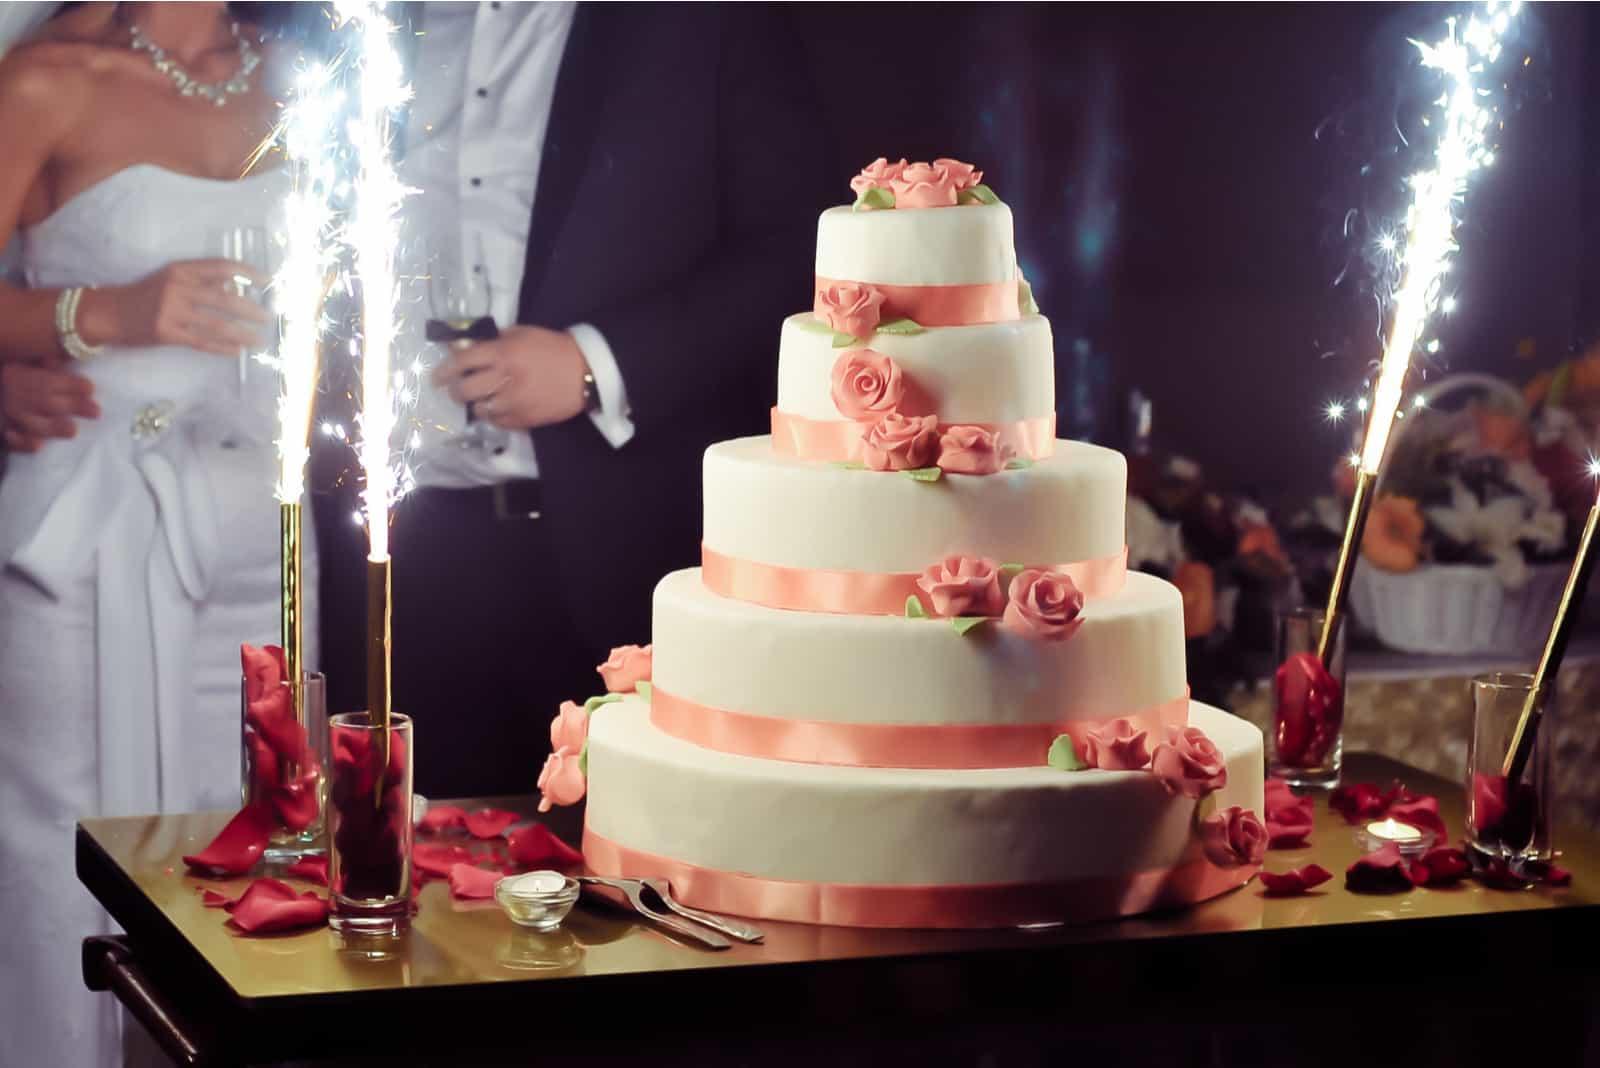 die Zeremonie des Schneidens der Hochzeitstorte bei der Hochzeit